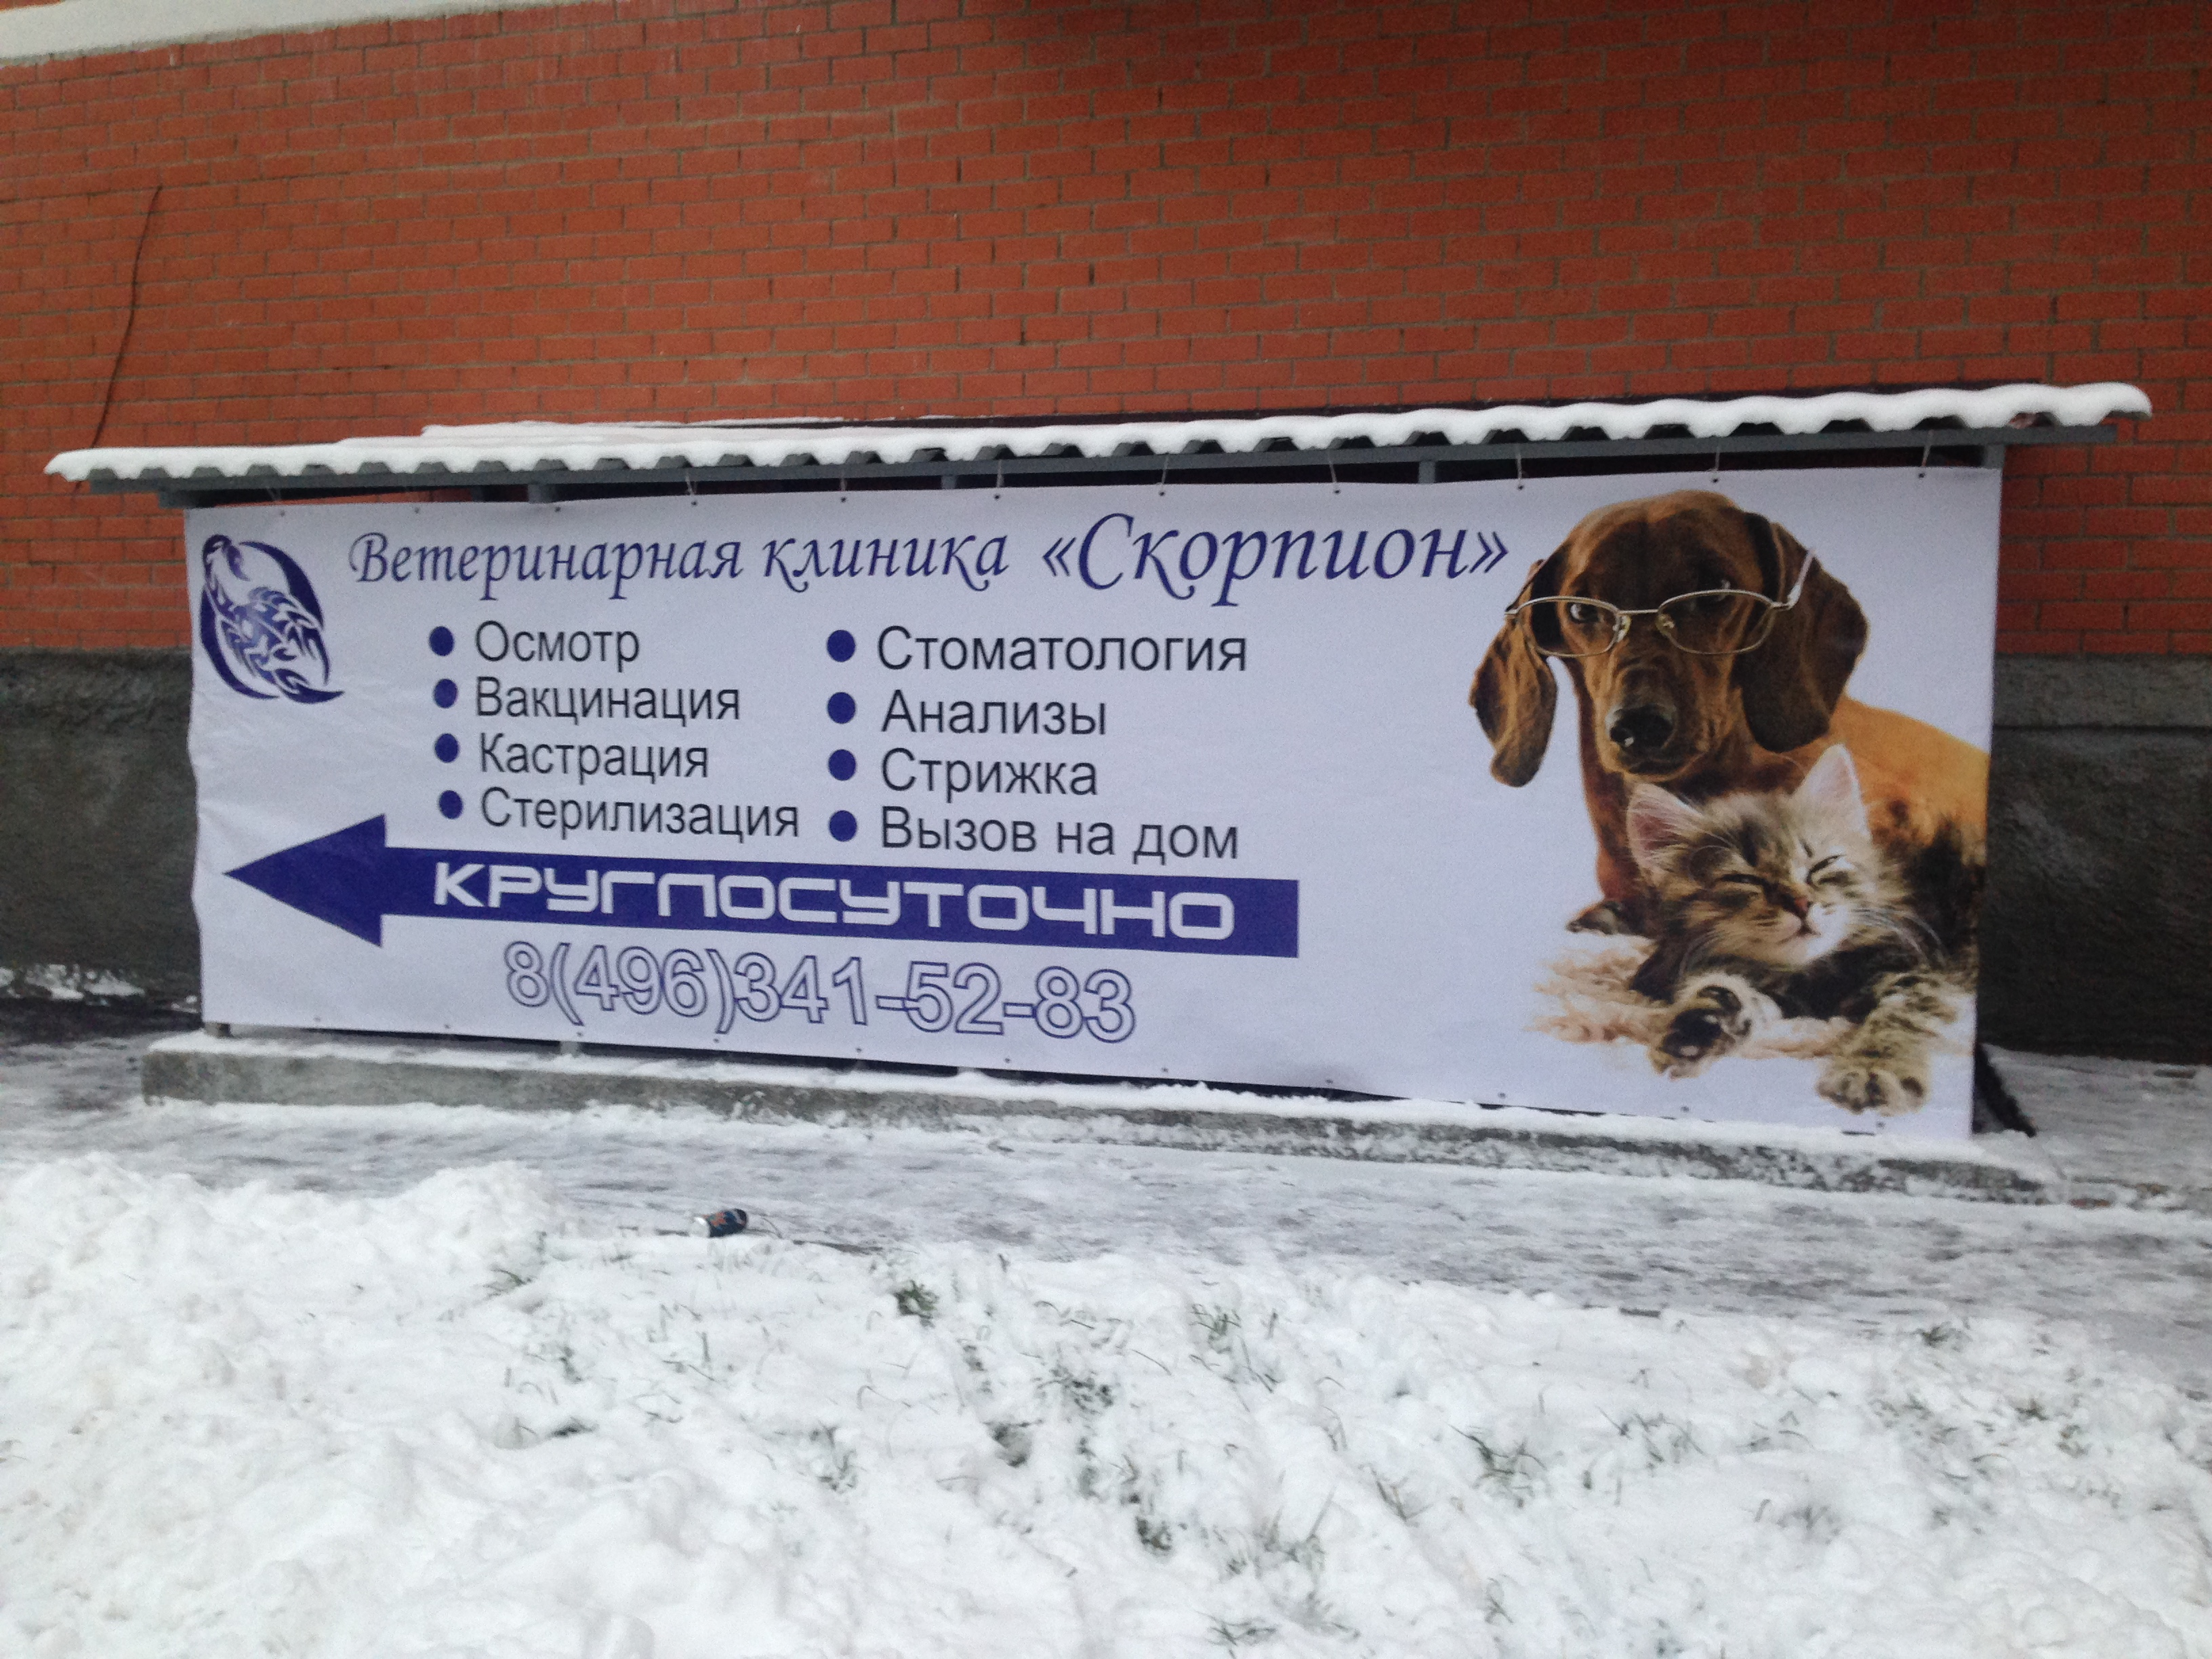 Ветеринарная клиника Скорпион